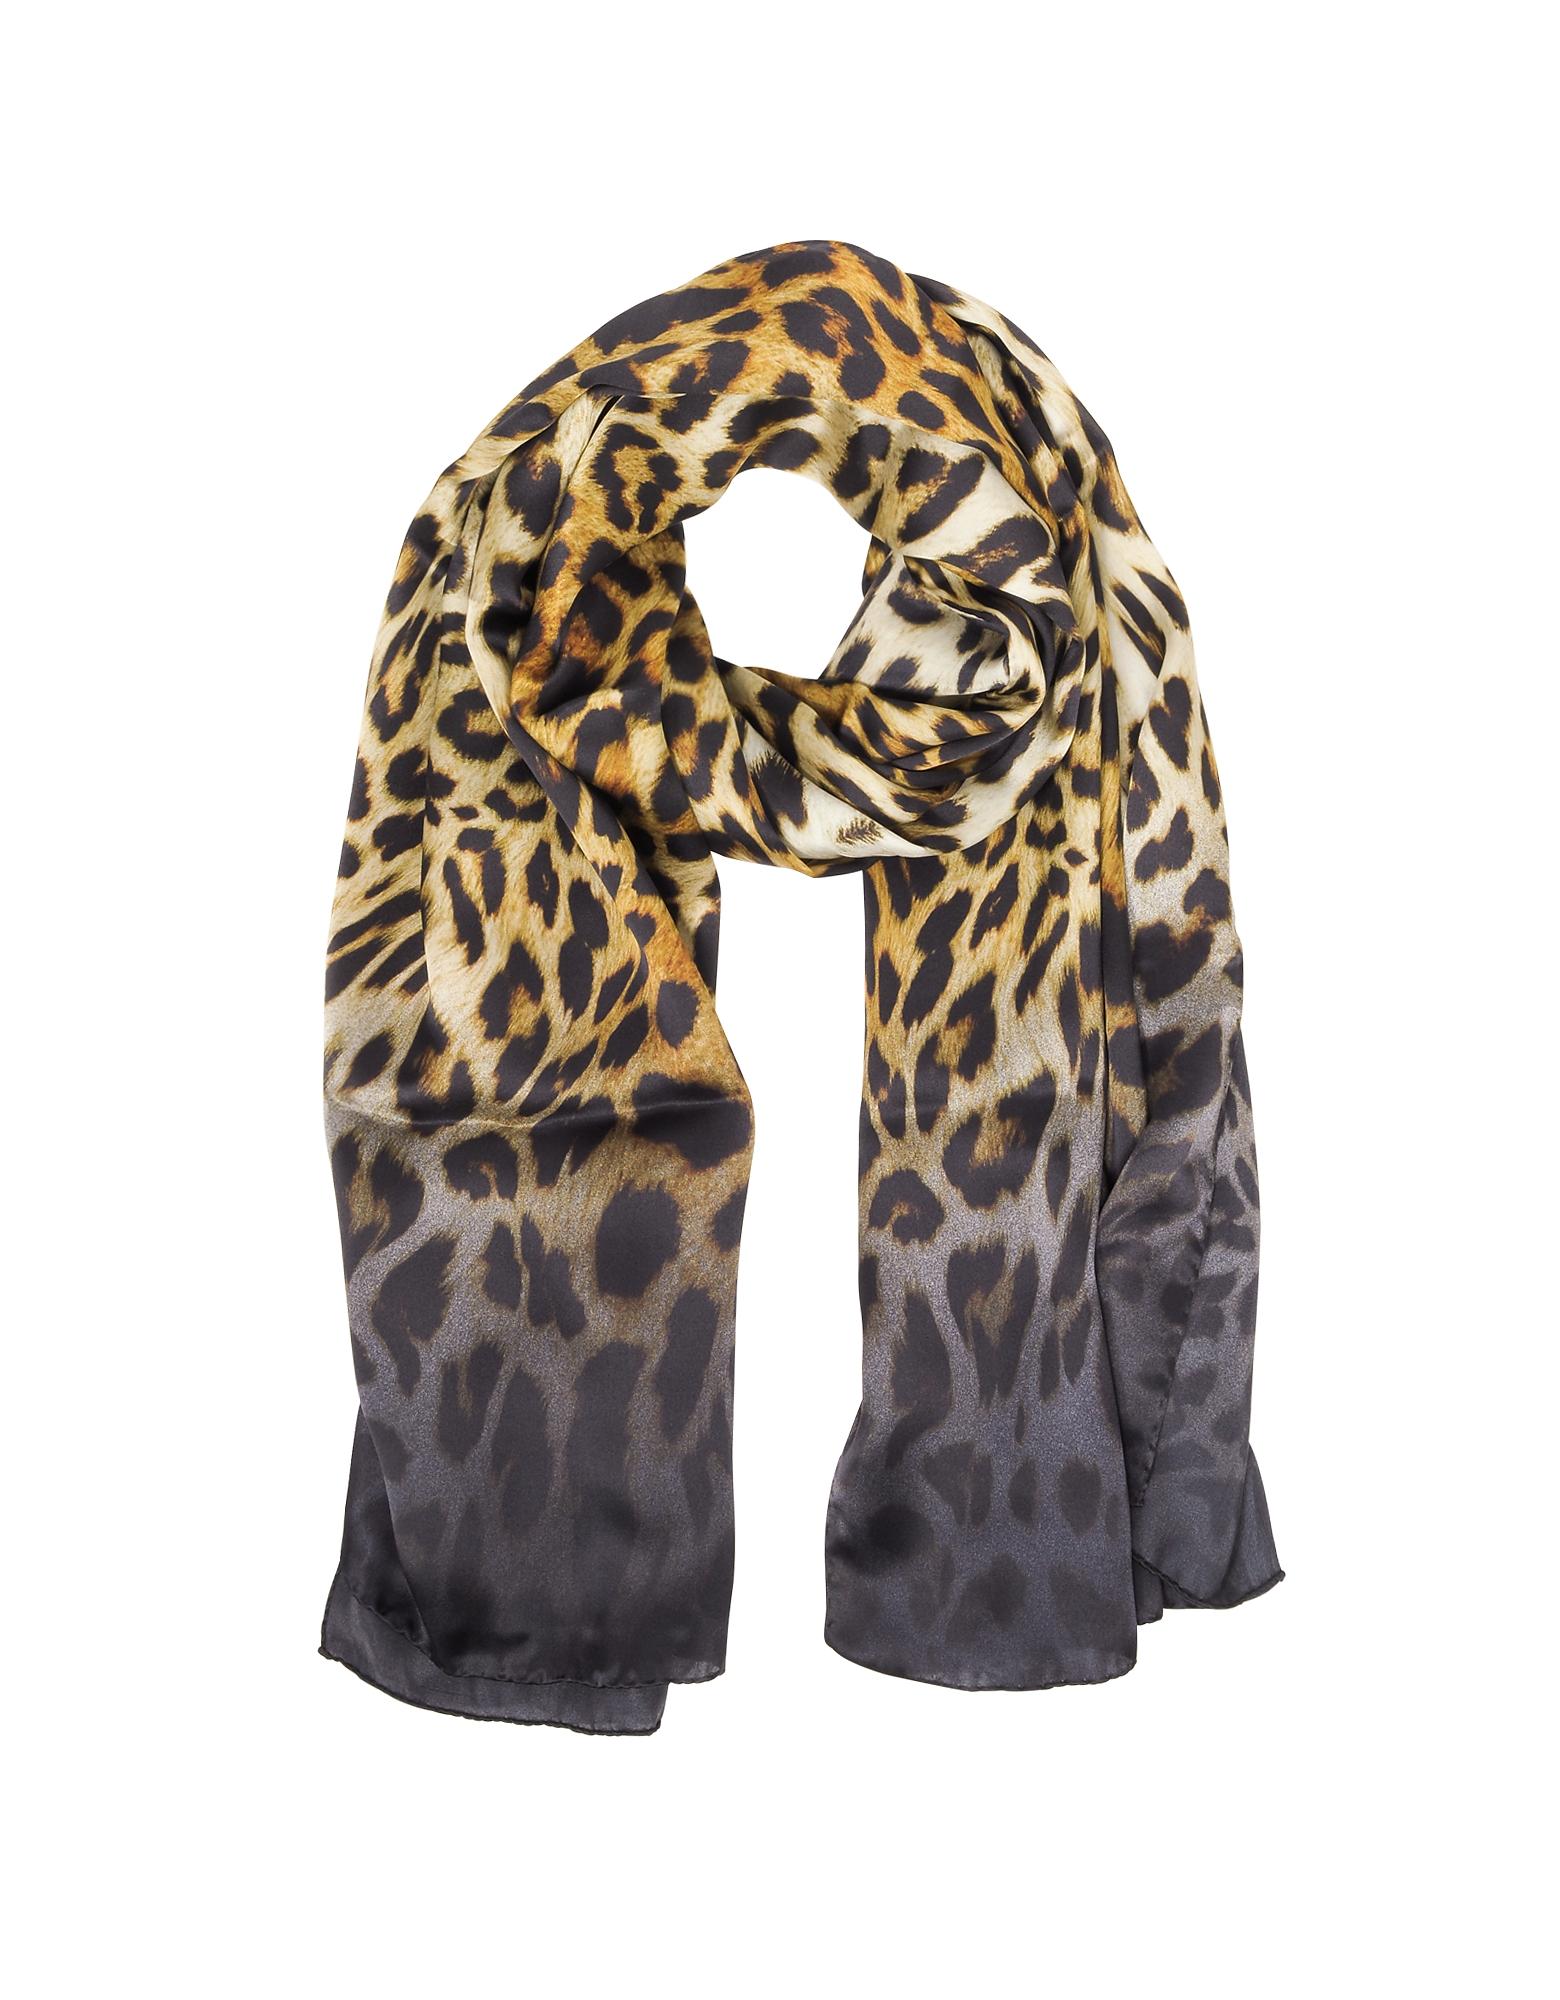 Animalier Twill Silk Stole, Dark brown/brown